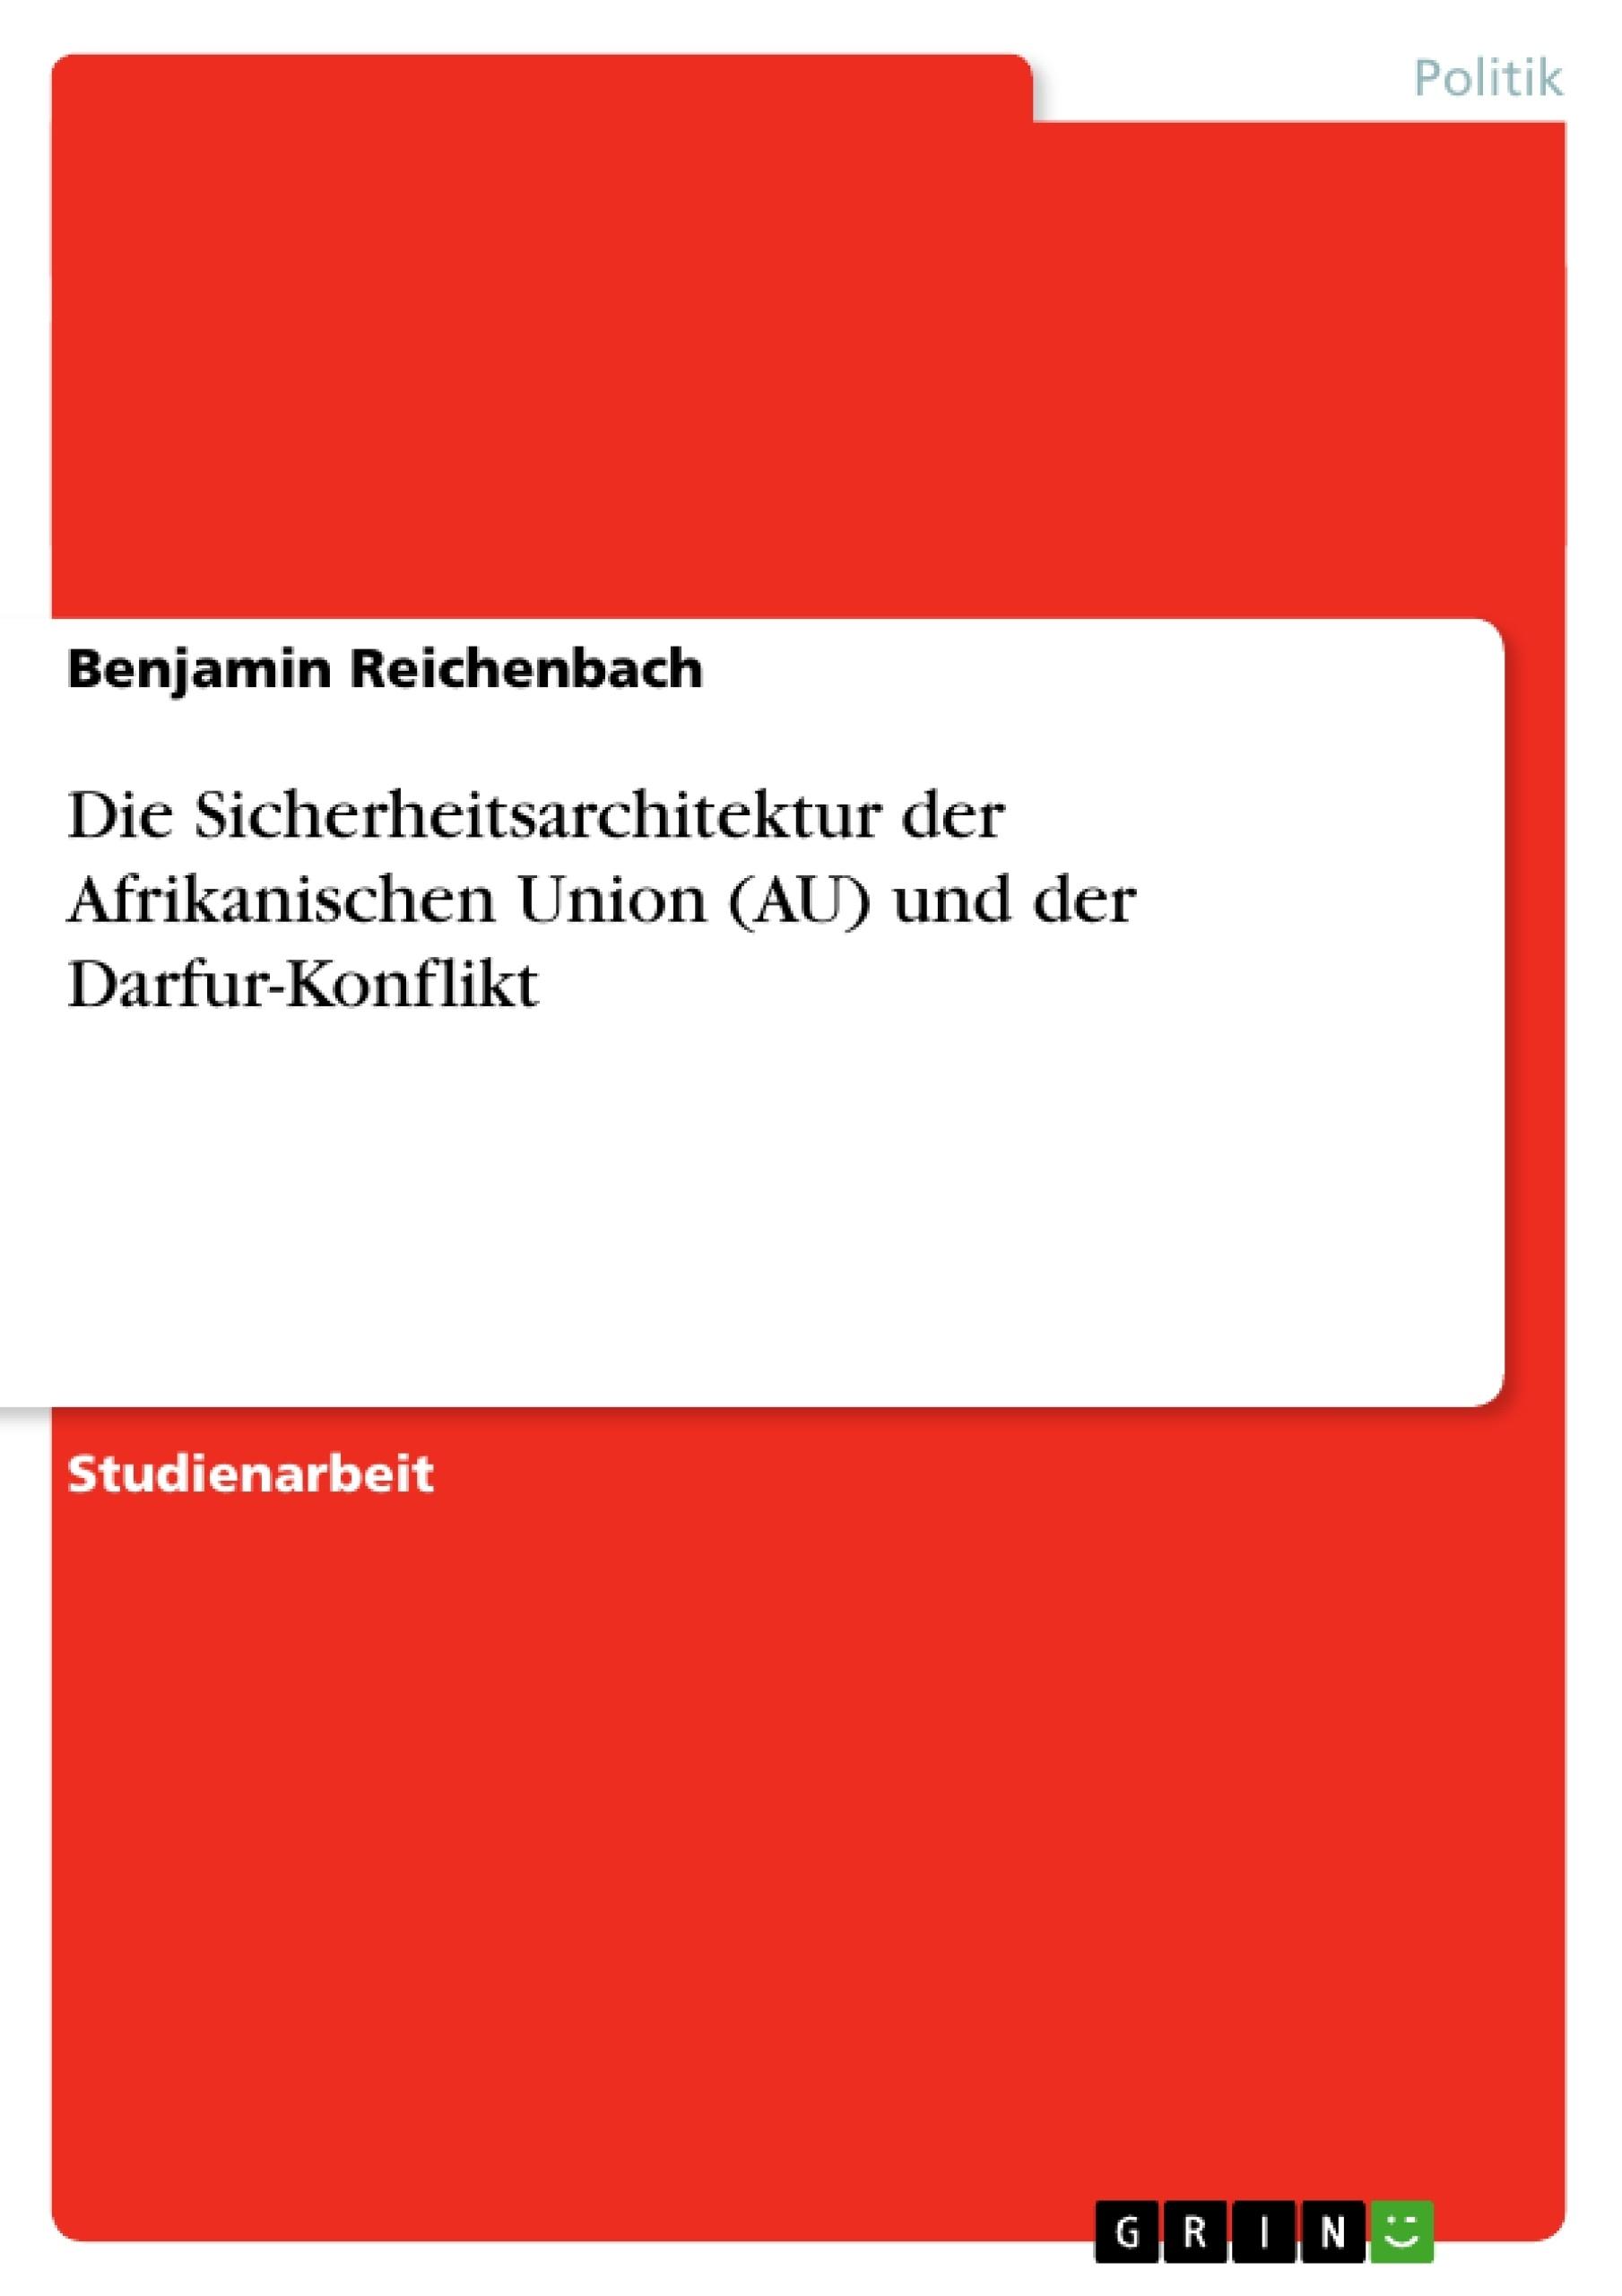 Titel: Die Sicherheitsarchitektur der Afrikanischen Union (AU) und der Darfur-Konflikt